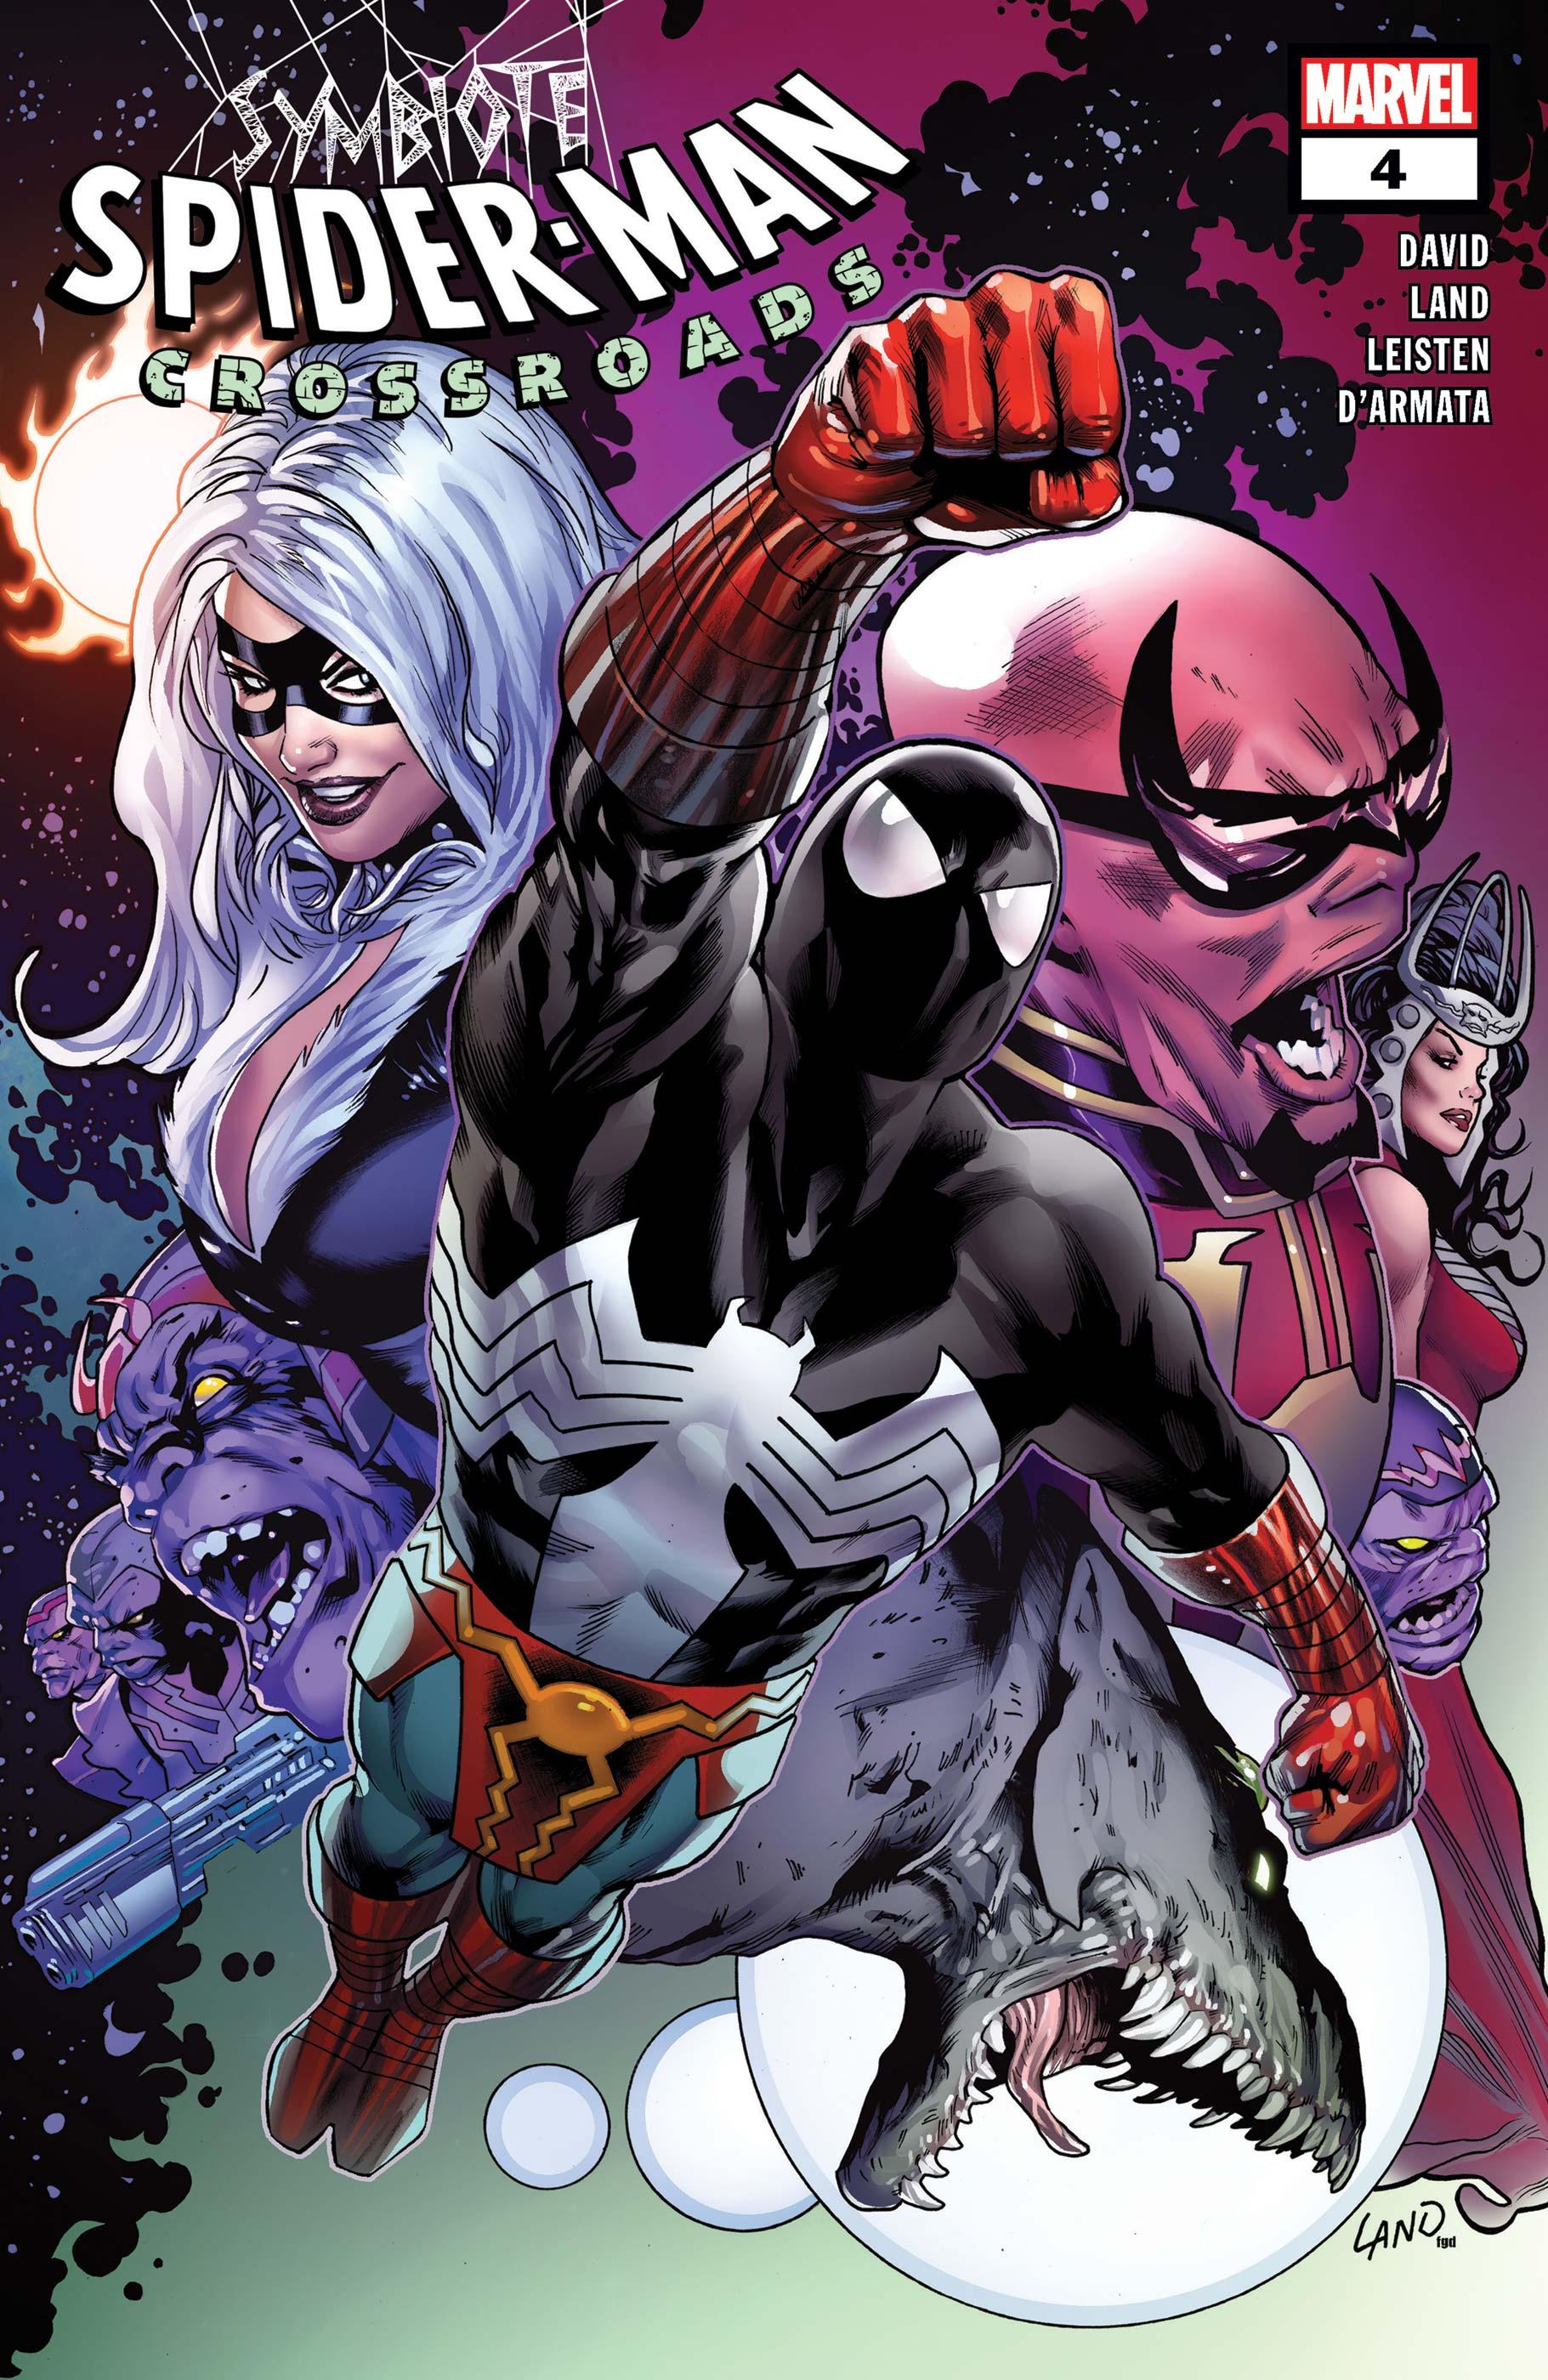 Symbiote Spider-Man: Crossroads (2021) #4